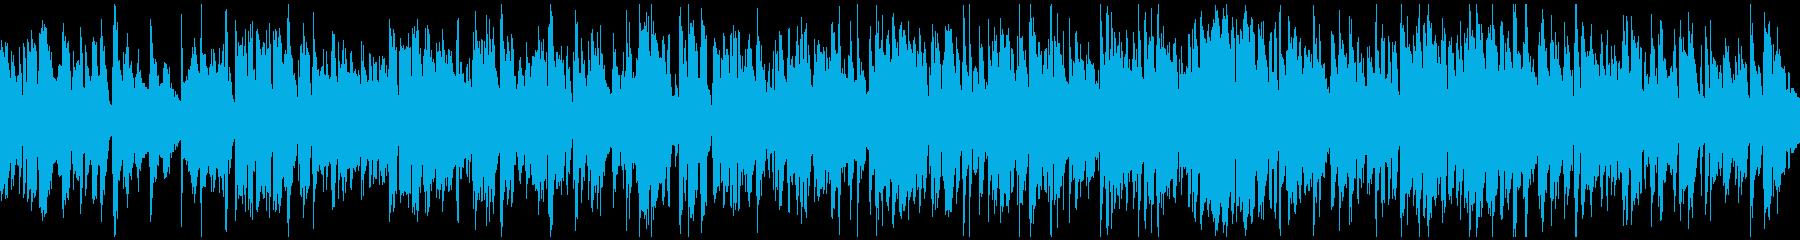 軽快リズム爽やかジャズサックス※ループ版の再生済みの波形